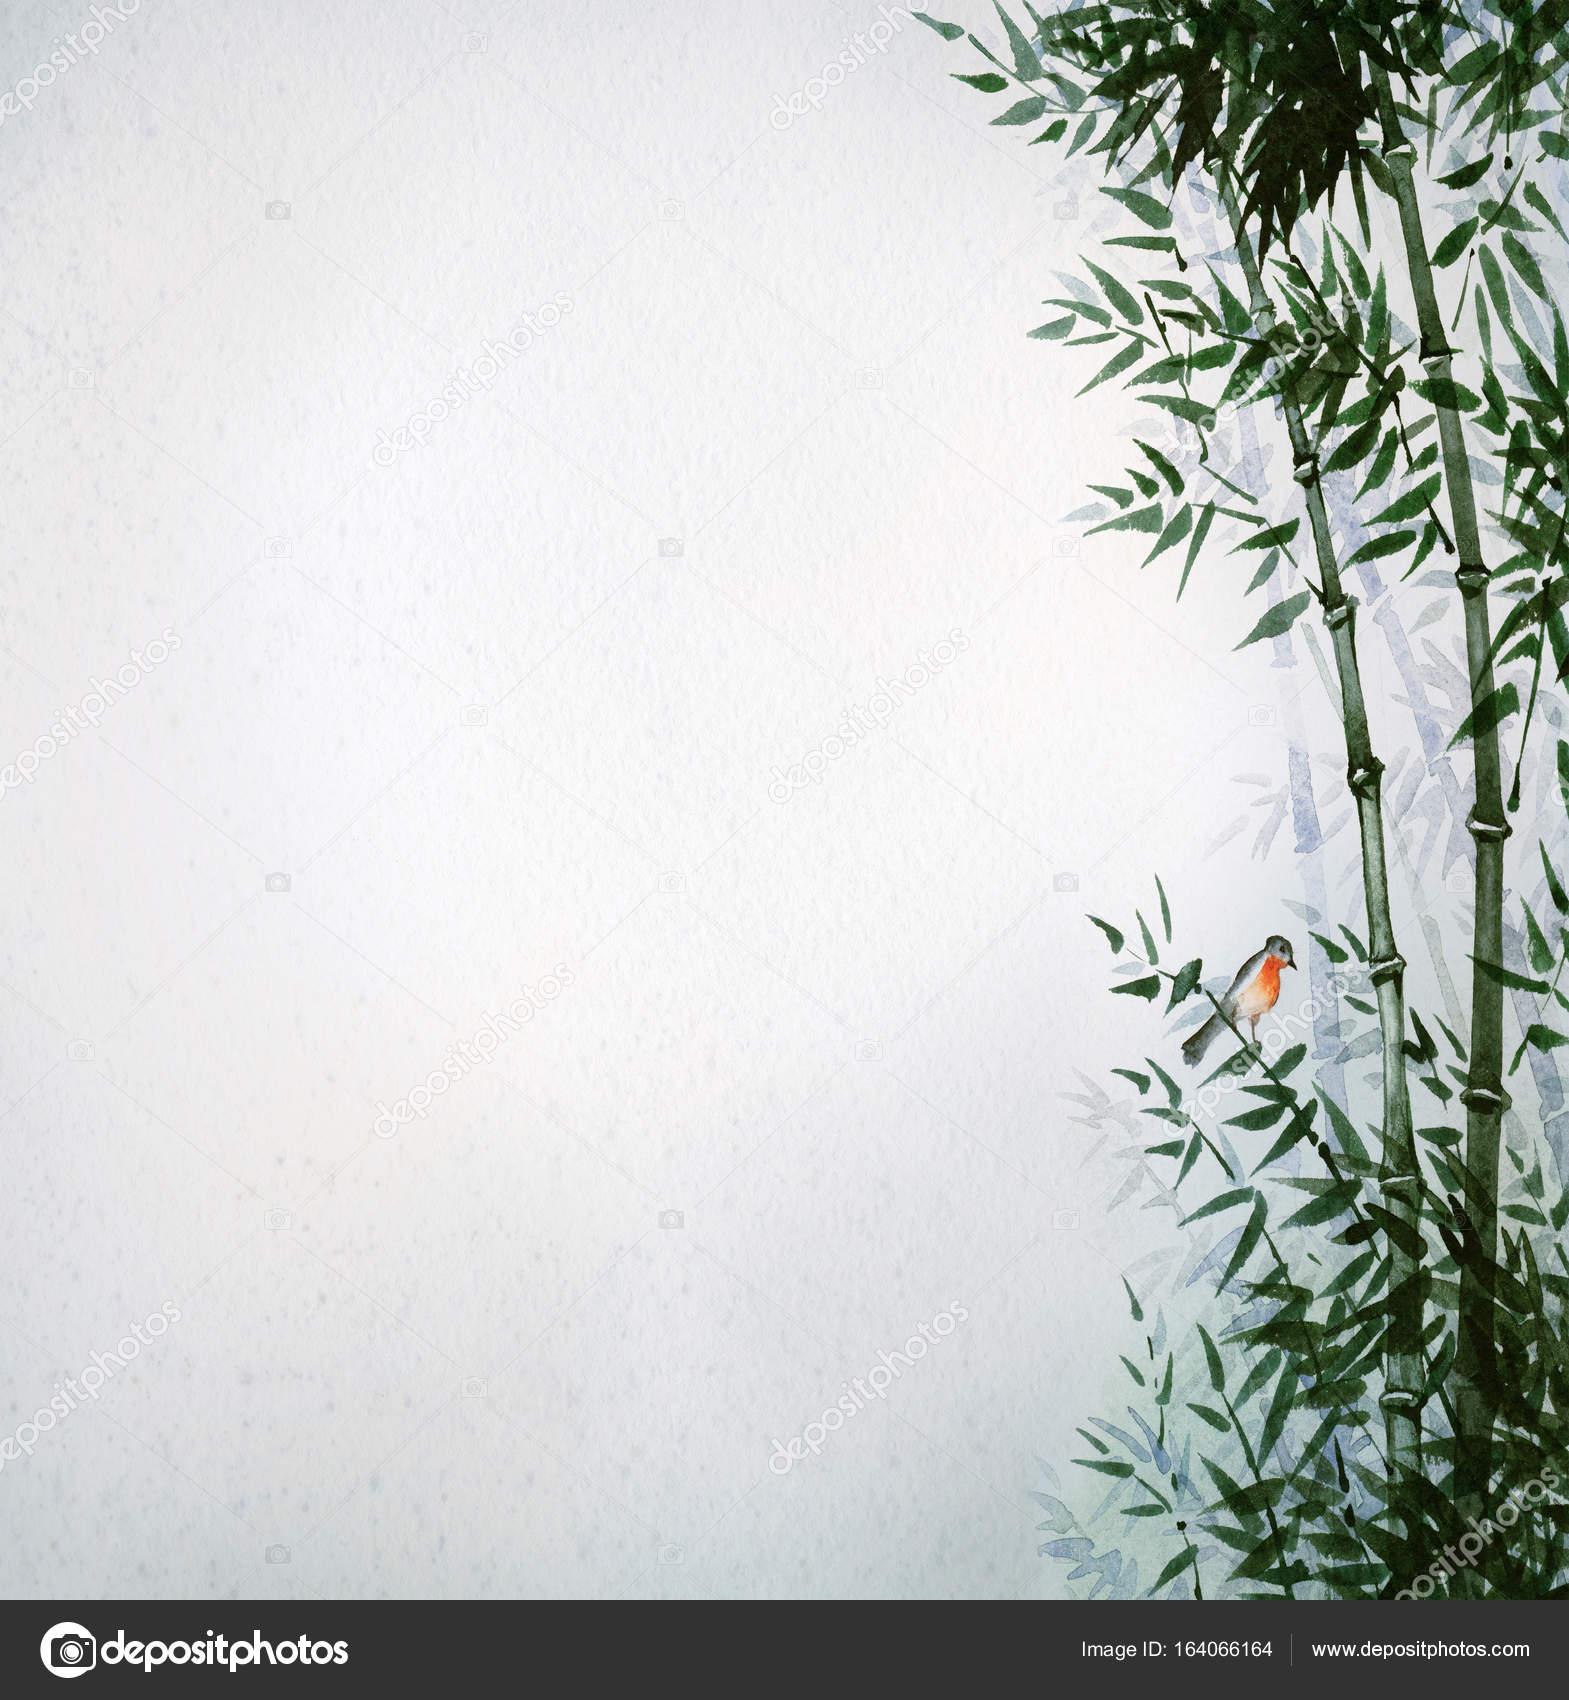 Der Kleine Vogel In Einem Bambushain Das Bild Im Japanischen Stil